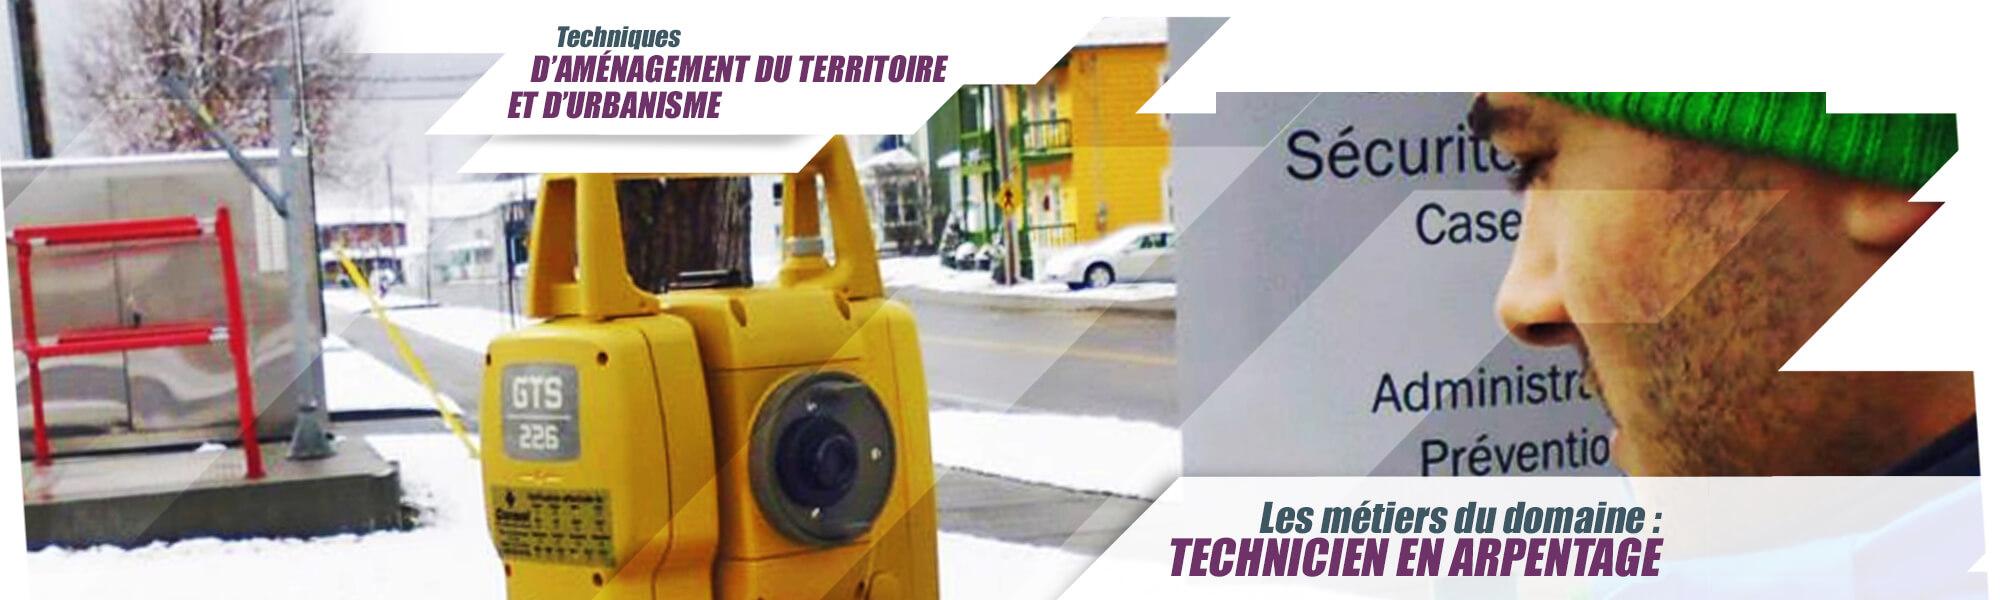 slider_amenagement-territoire_tech-arpentage